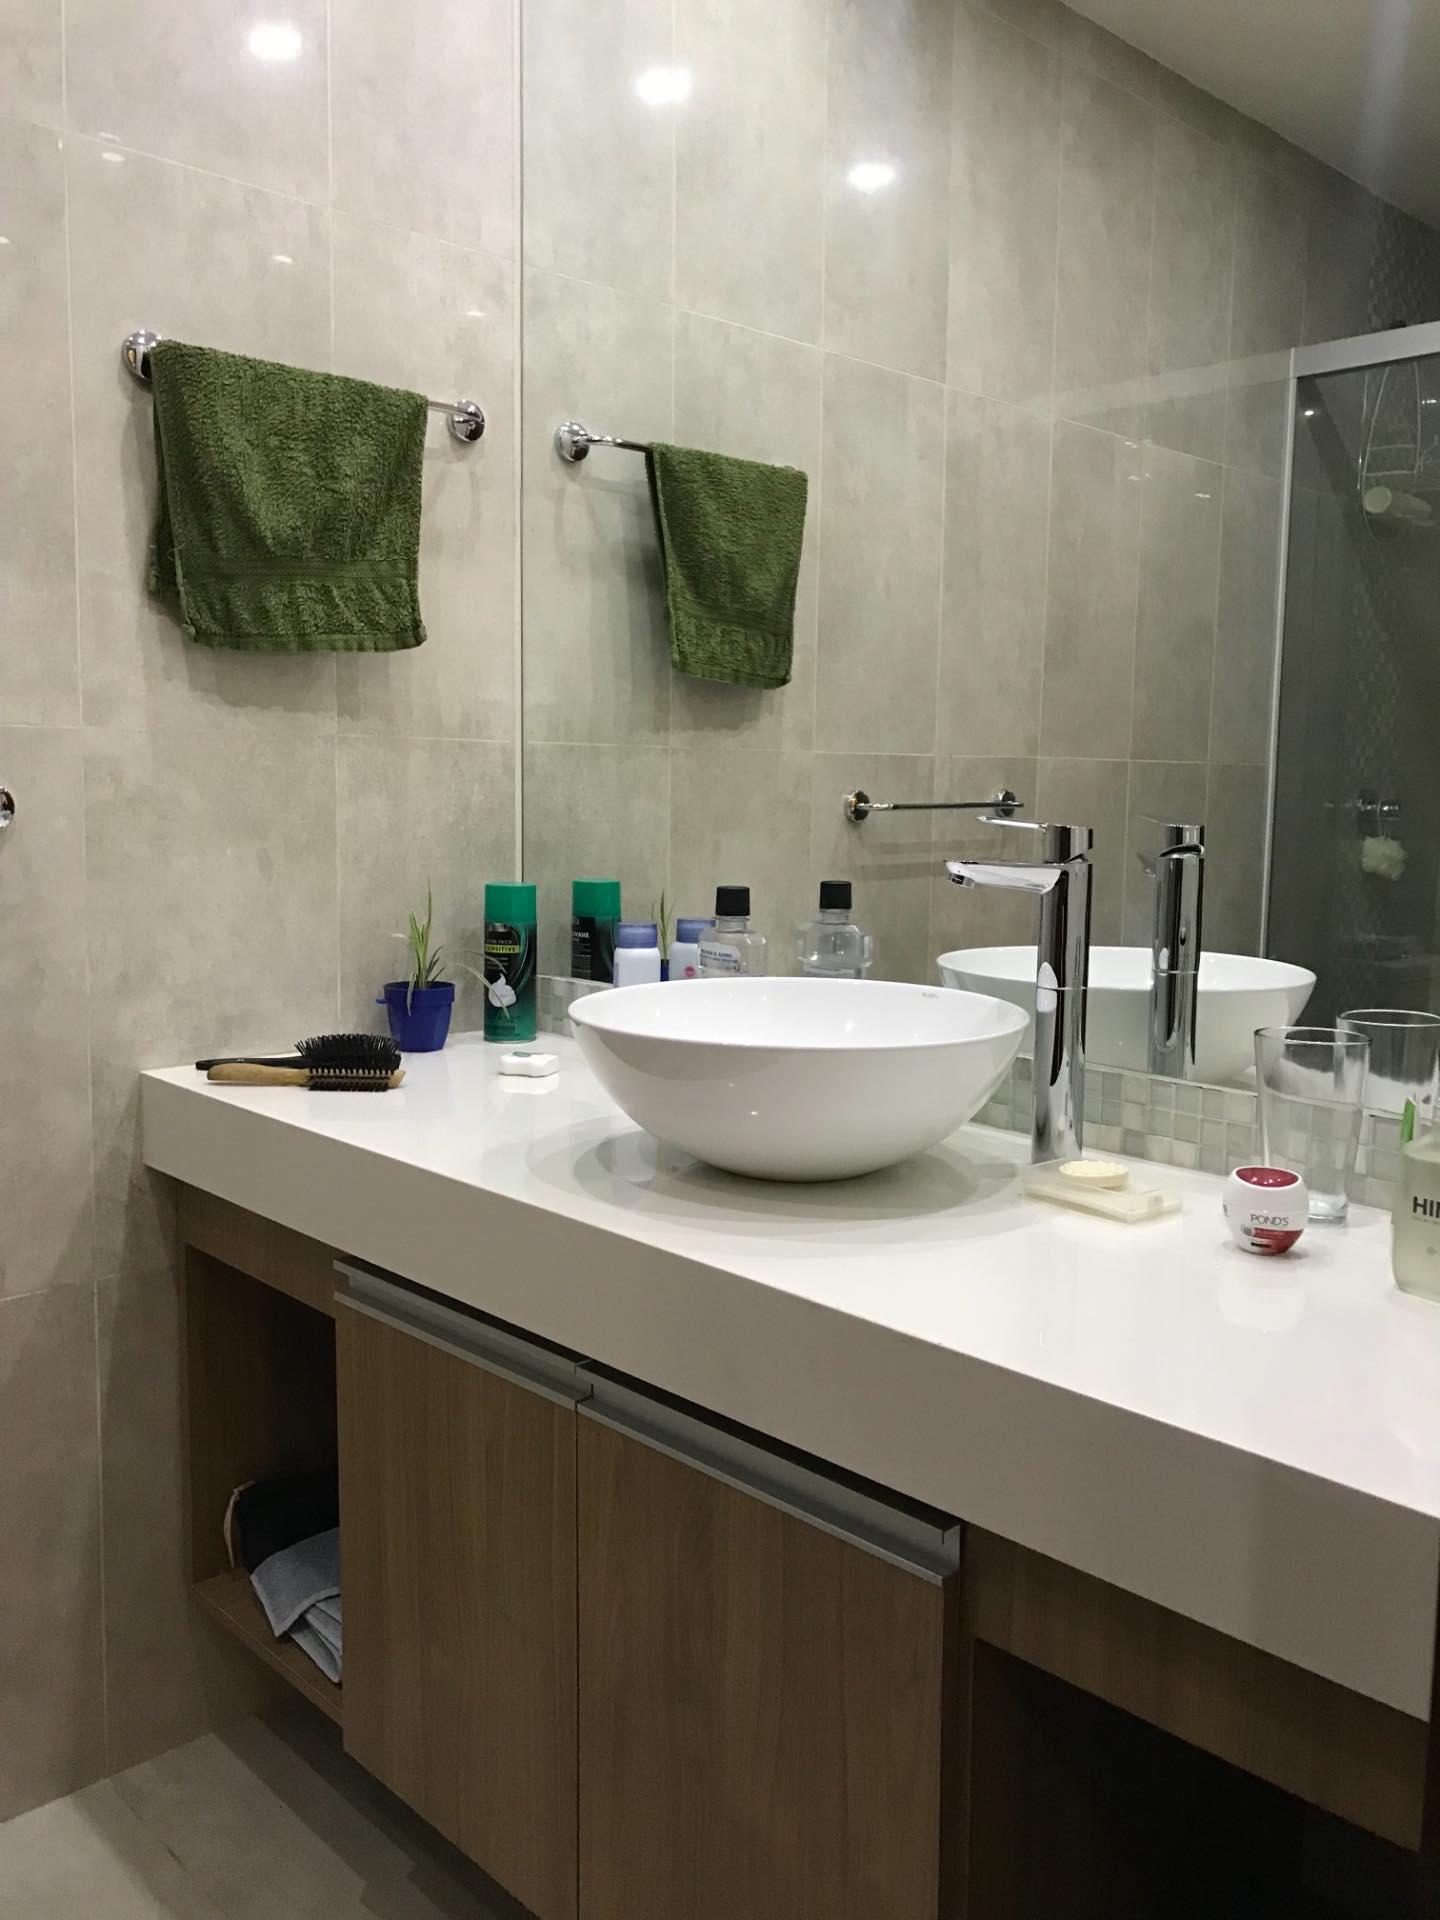 Departamento en Alquiler En exclusivo condominio zona Barrio Las Palmas  Foto 5